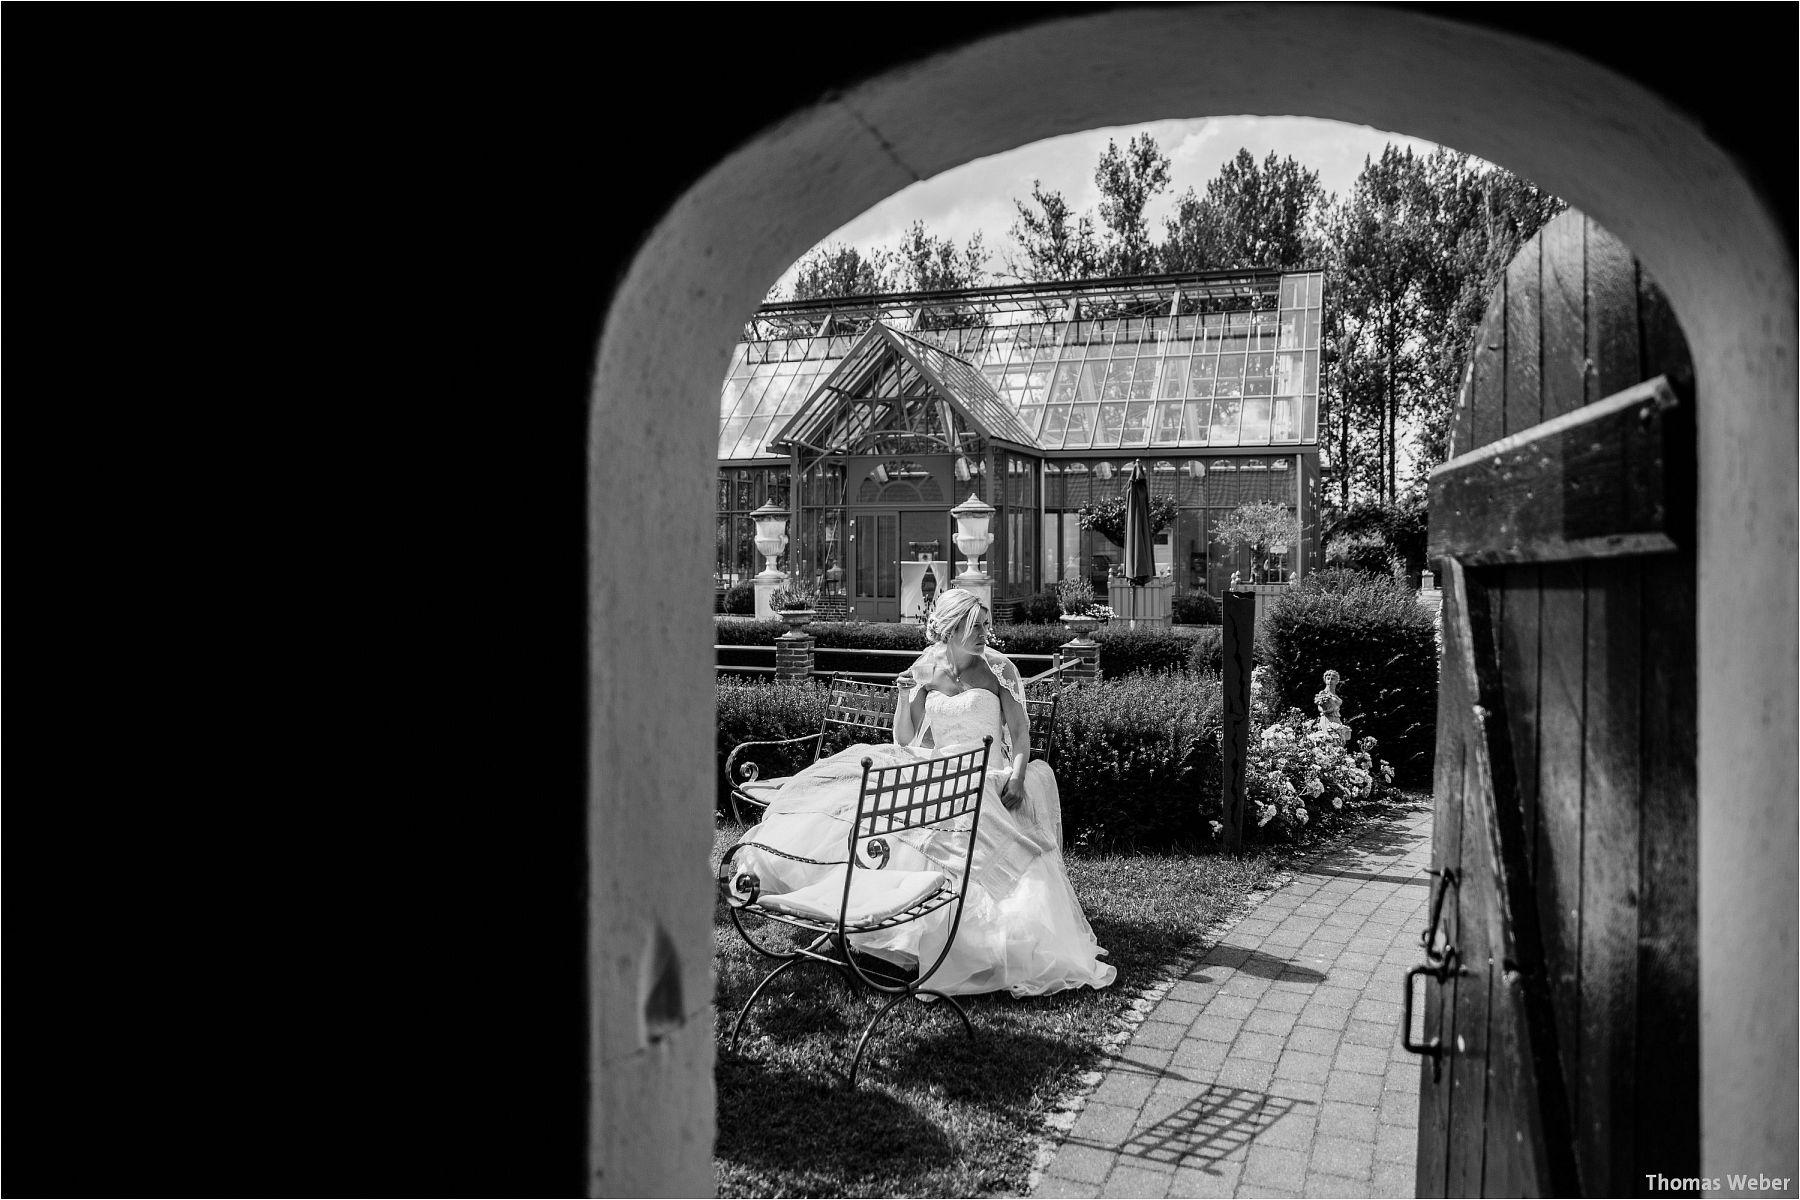 Hochzeitsfotograf Thomas Weber aus Oldenburg: Hochzeitsreportage und Hochzeitsfotos der standesamtlichen Trauung im Schloss Oldenburg, kirchlichen Hochzeit in der Lambertikirche Oldenburg und Hochzeitsfeier auf dem Gut Horn Gristede